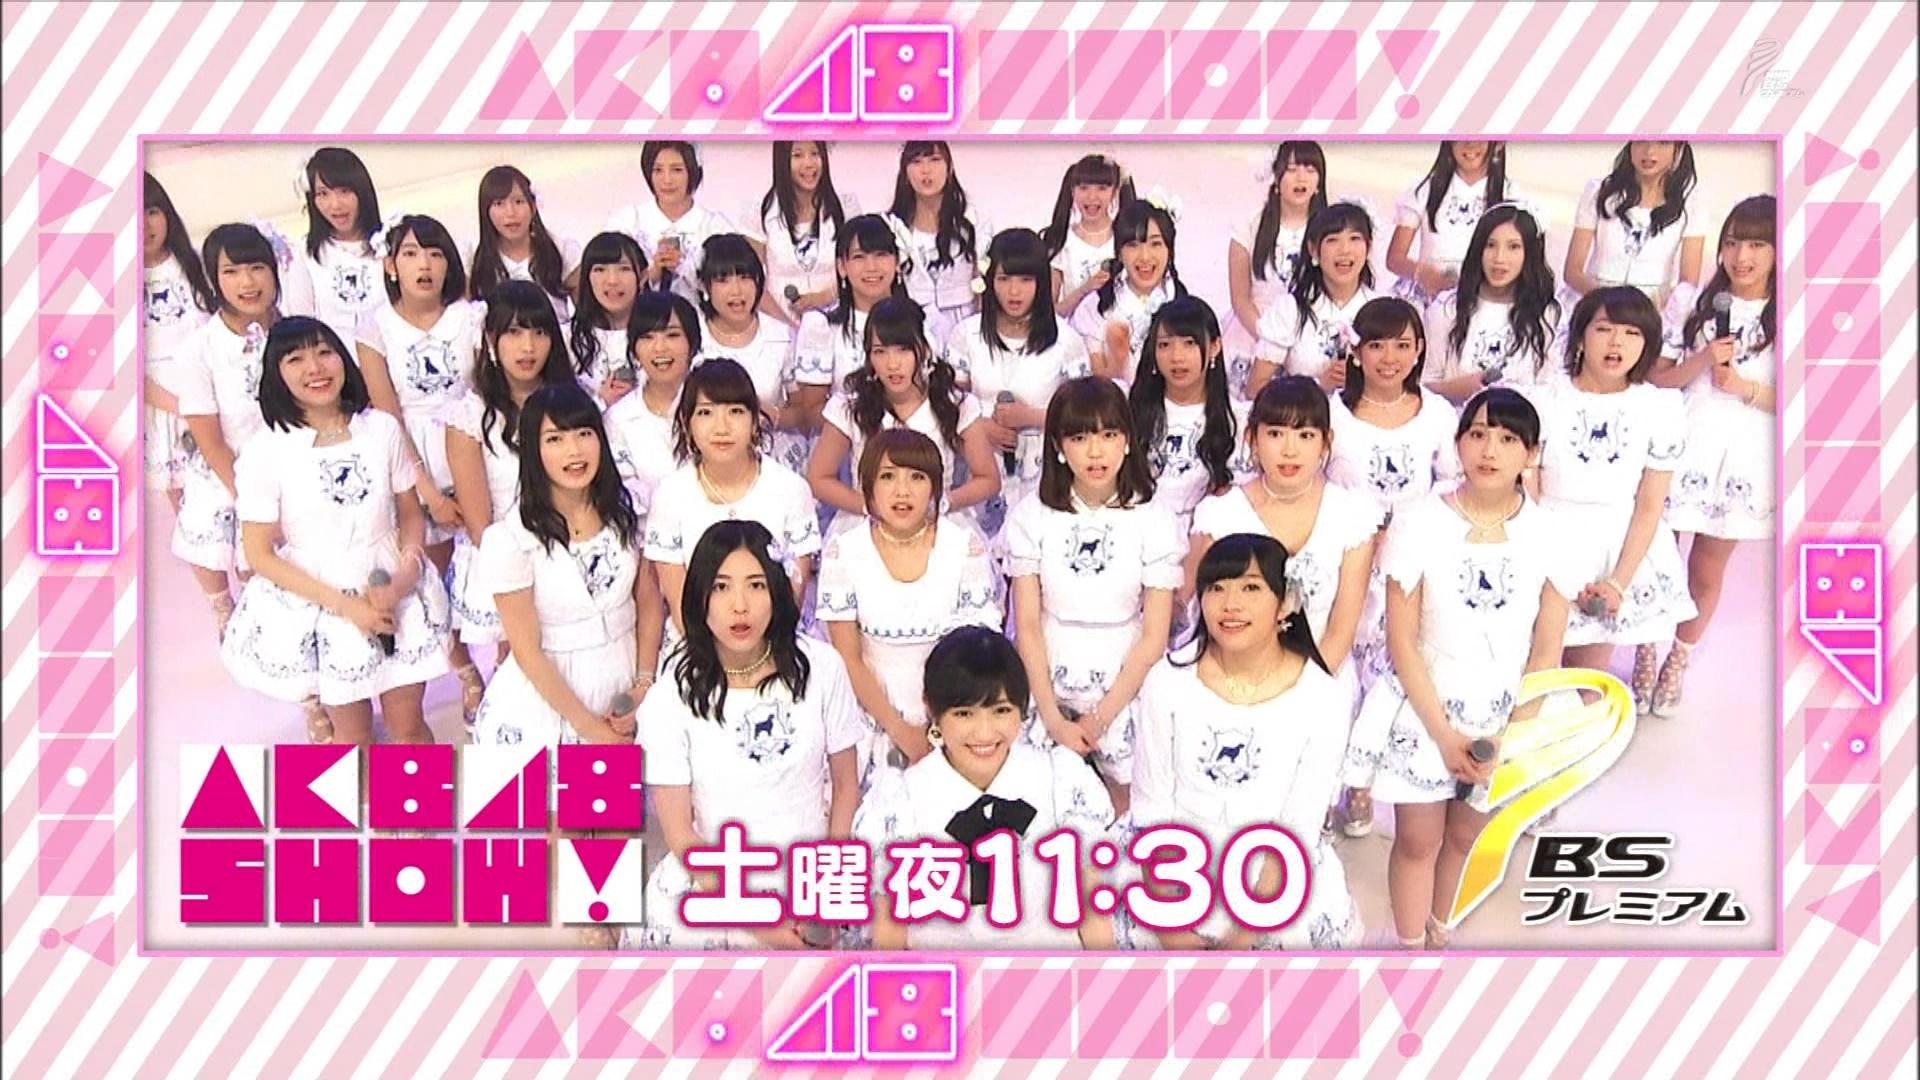 渡辺麻友SHOW!予告 AKB48SHOW! 20140906 (20)